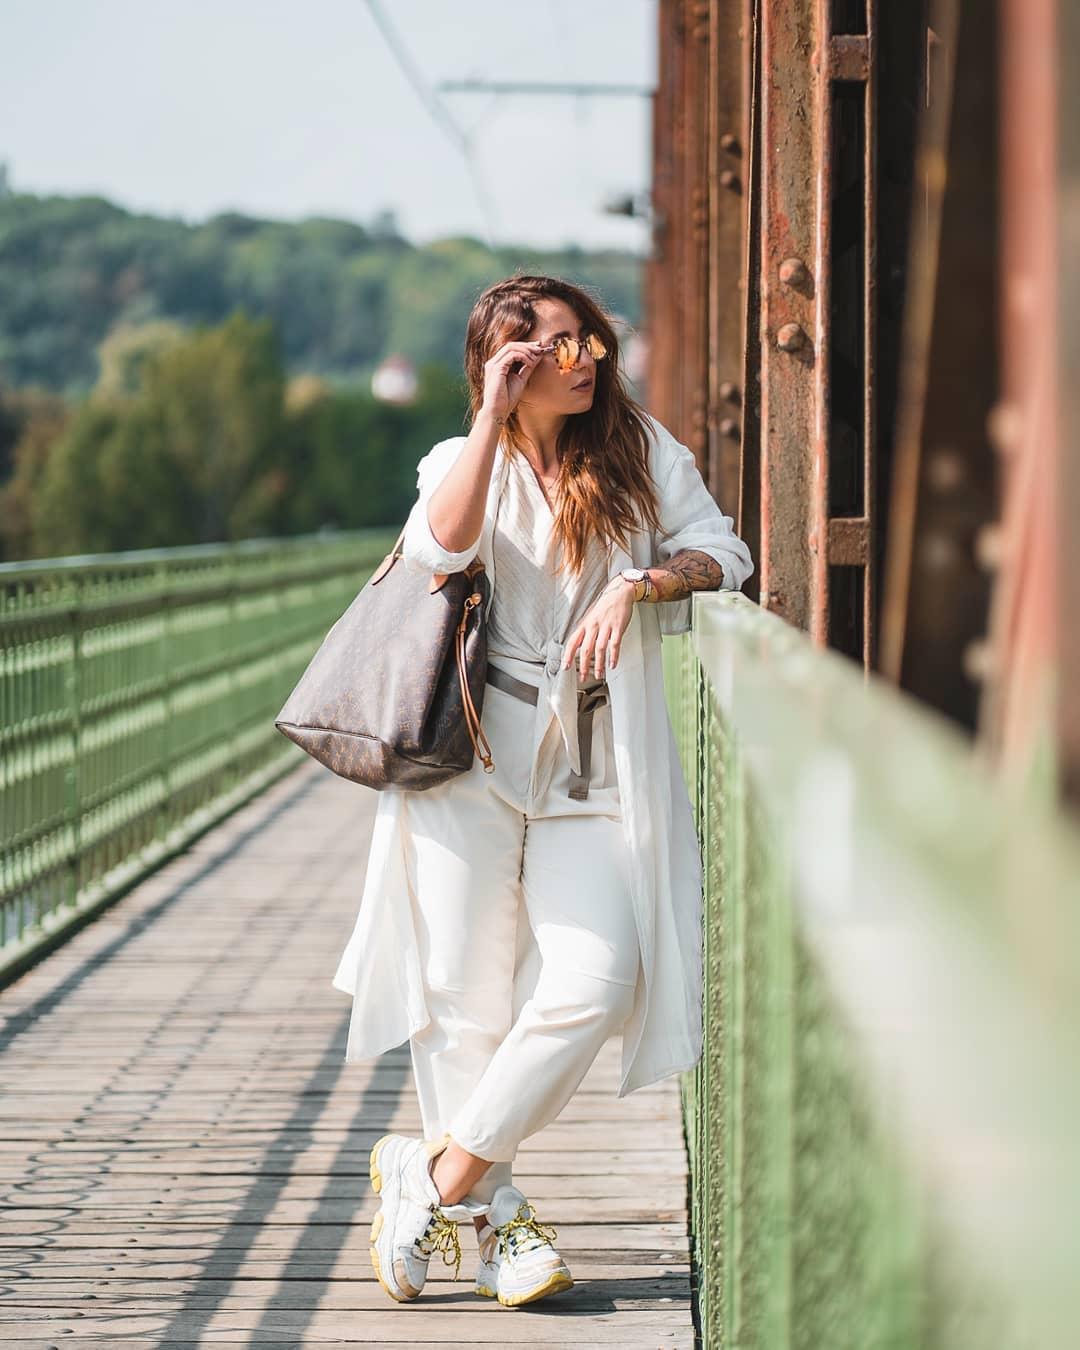 Máme tu třetí #fashionfriday s @dominikalukasova ️ Do slunečných podzimních dnů Dominika tentokrát zvolila outfit ve světlých barvách, kde si prohrála hlavně s barvou doplňků. Výrazné boty s rosegold detaily sladila s páskem, šperky a hlavně slunečnými brýlemi značky #MichaelKors, na které můžete v naší optice do zítra využít slevu 15 % (platí na sluneční i dioptrické)  . #dnesnosim #vasecocky #slunecnibryle #sunglasses #ootd